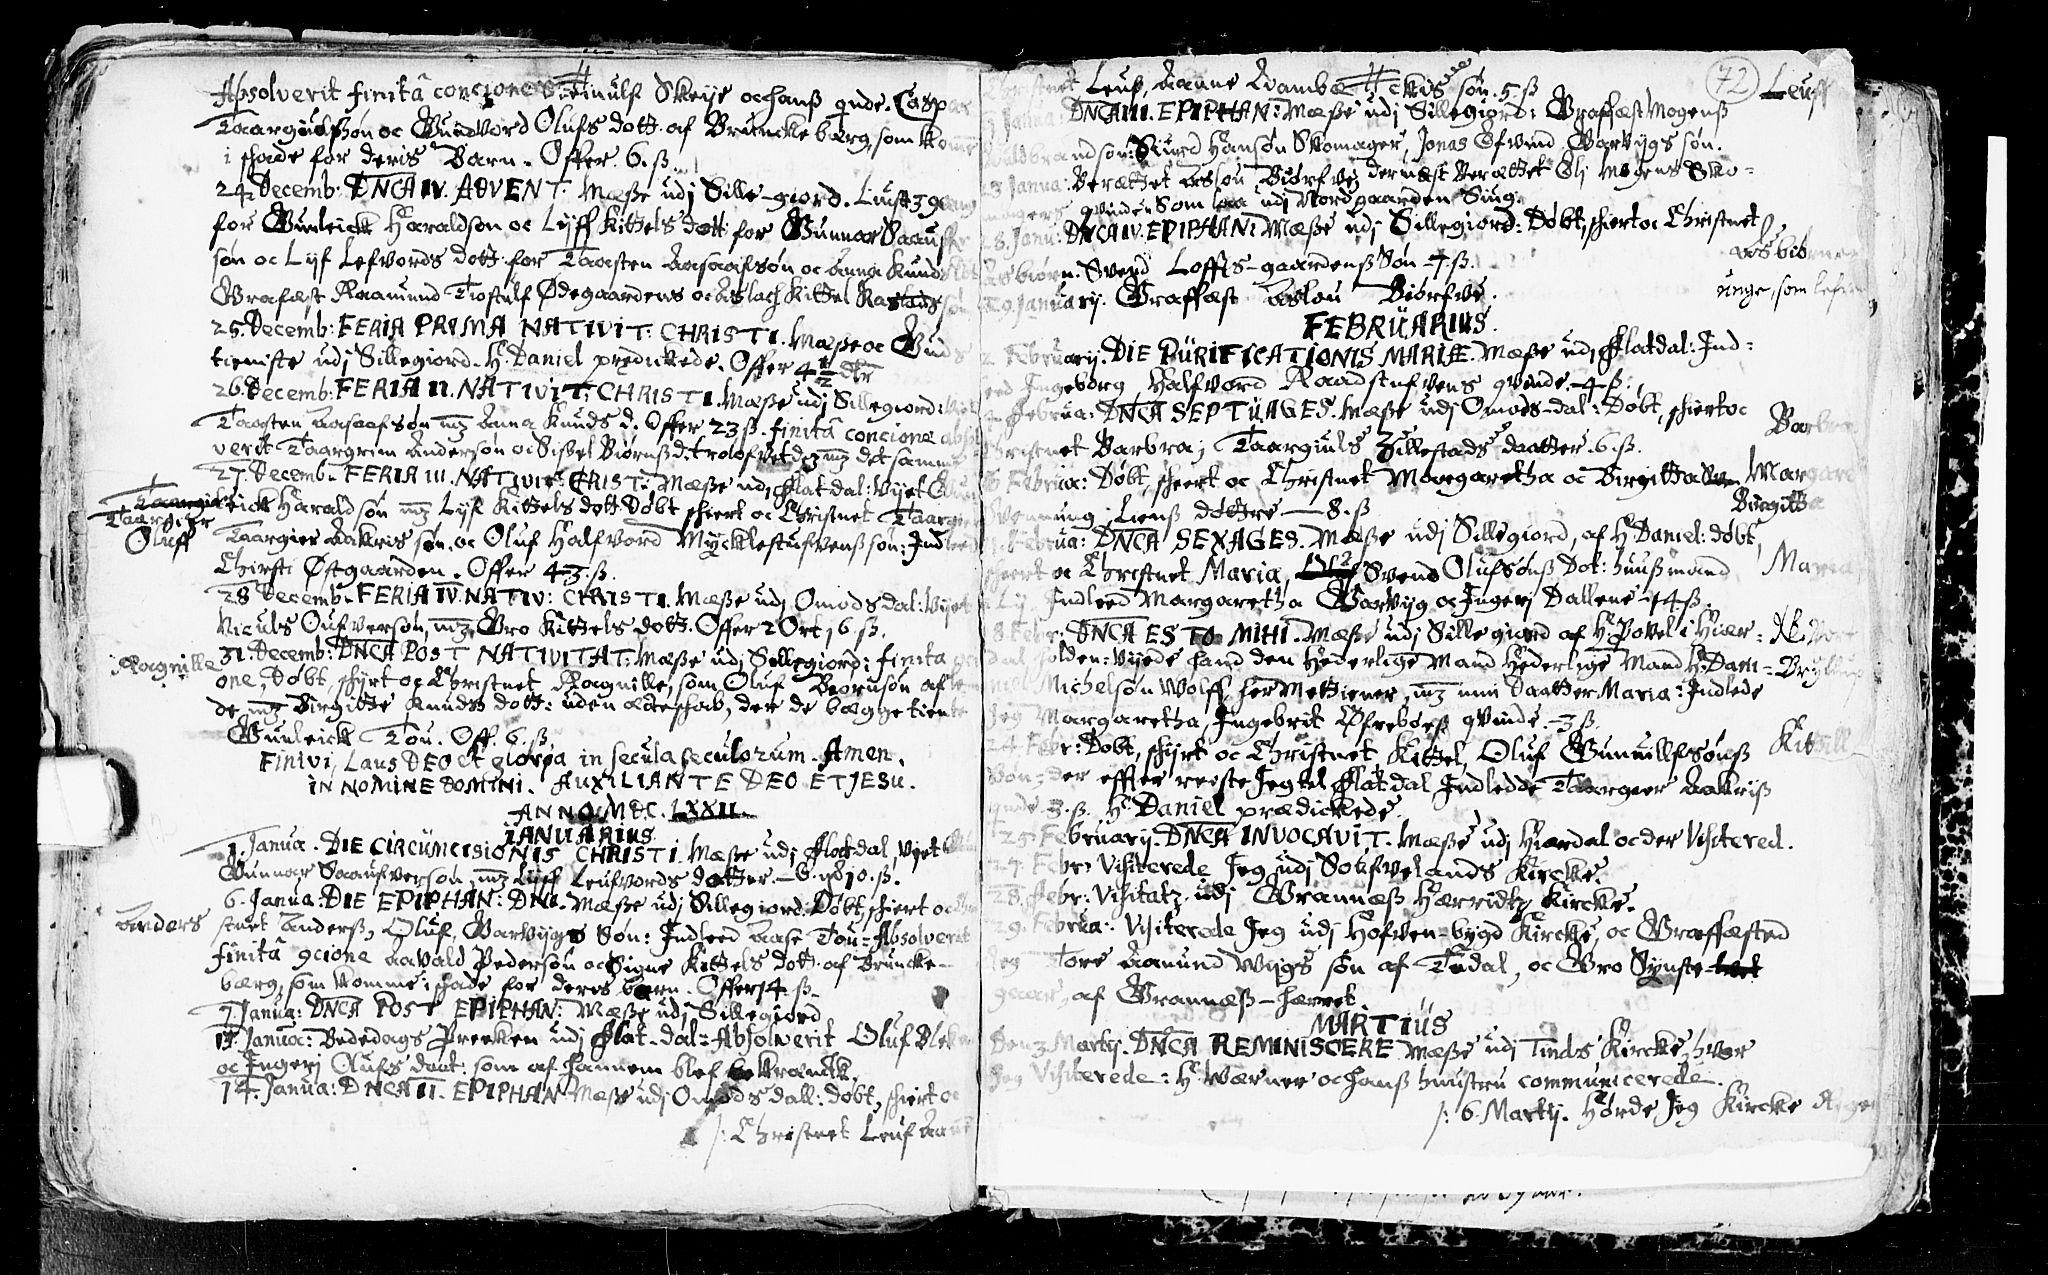 SAKO, Seljord kirkebøker, F/Fa/L0001: Ministerialbok nr. I 1, 1654-1686, s. 72